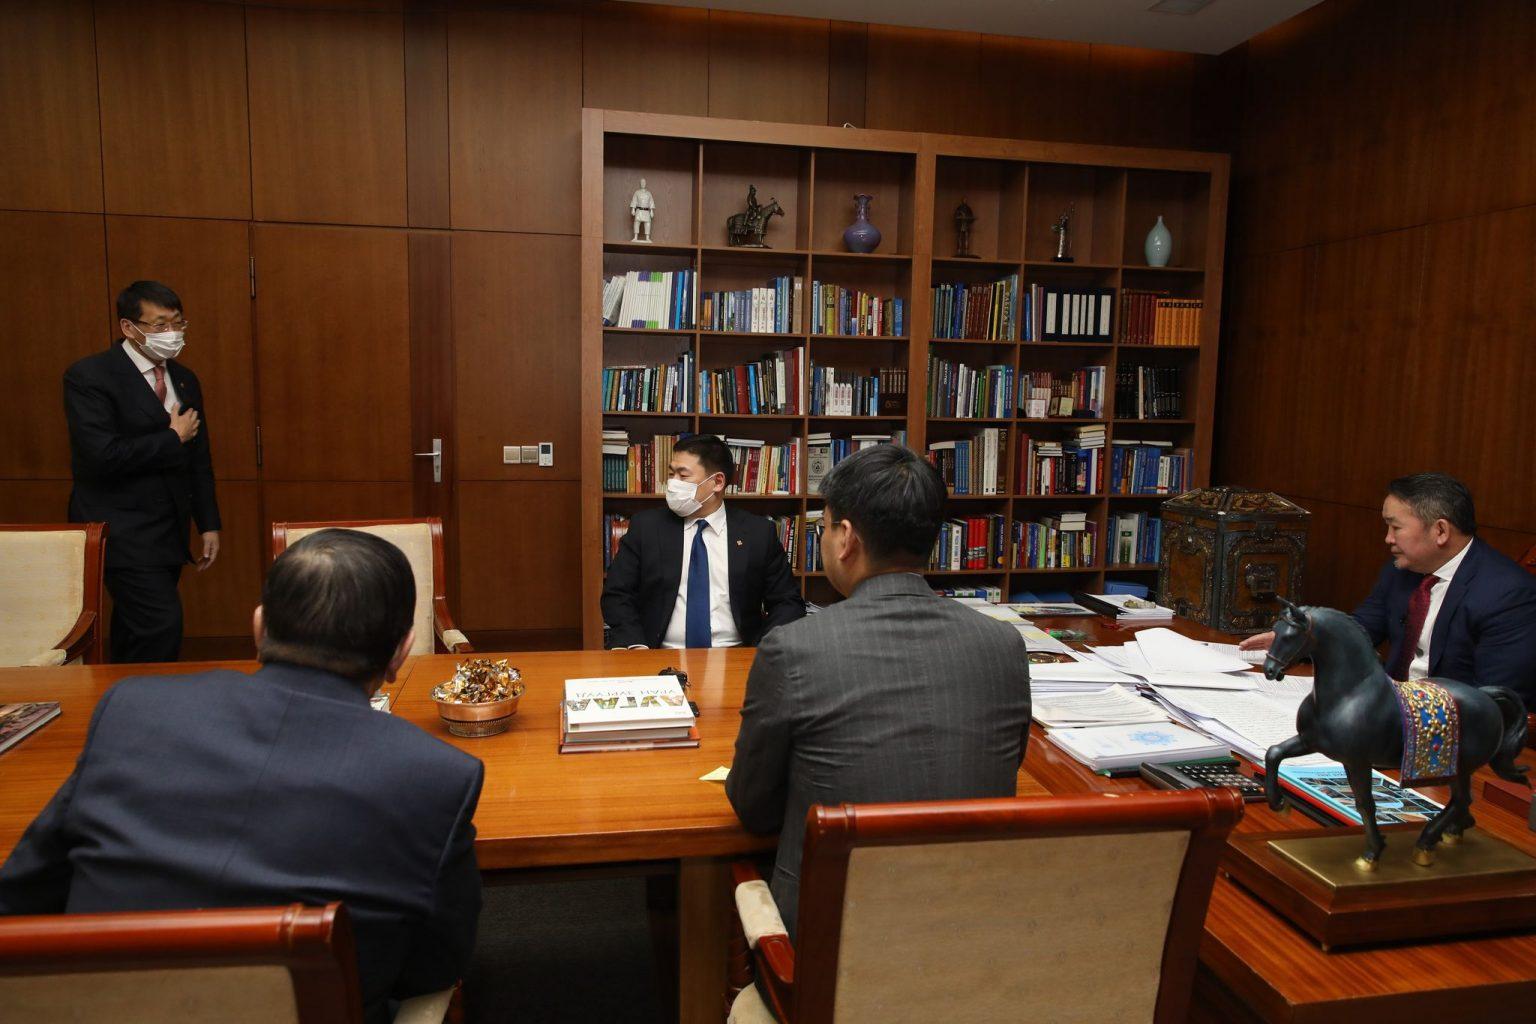 Ерөнхийлөгч Х.Баттулгад Боловсрол, шинжлэх ухааны сайд Л.Энх-Амгалан бараалхав